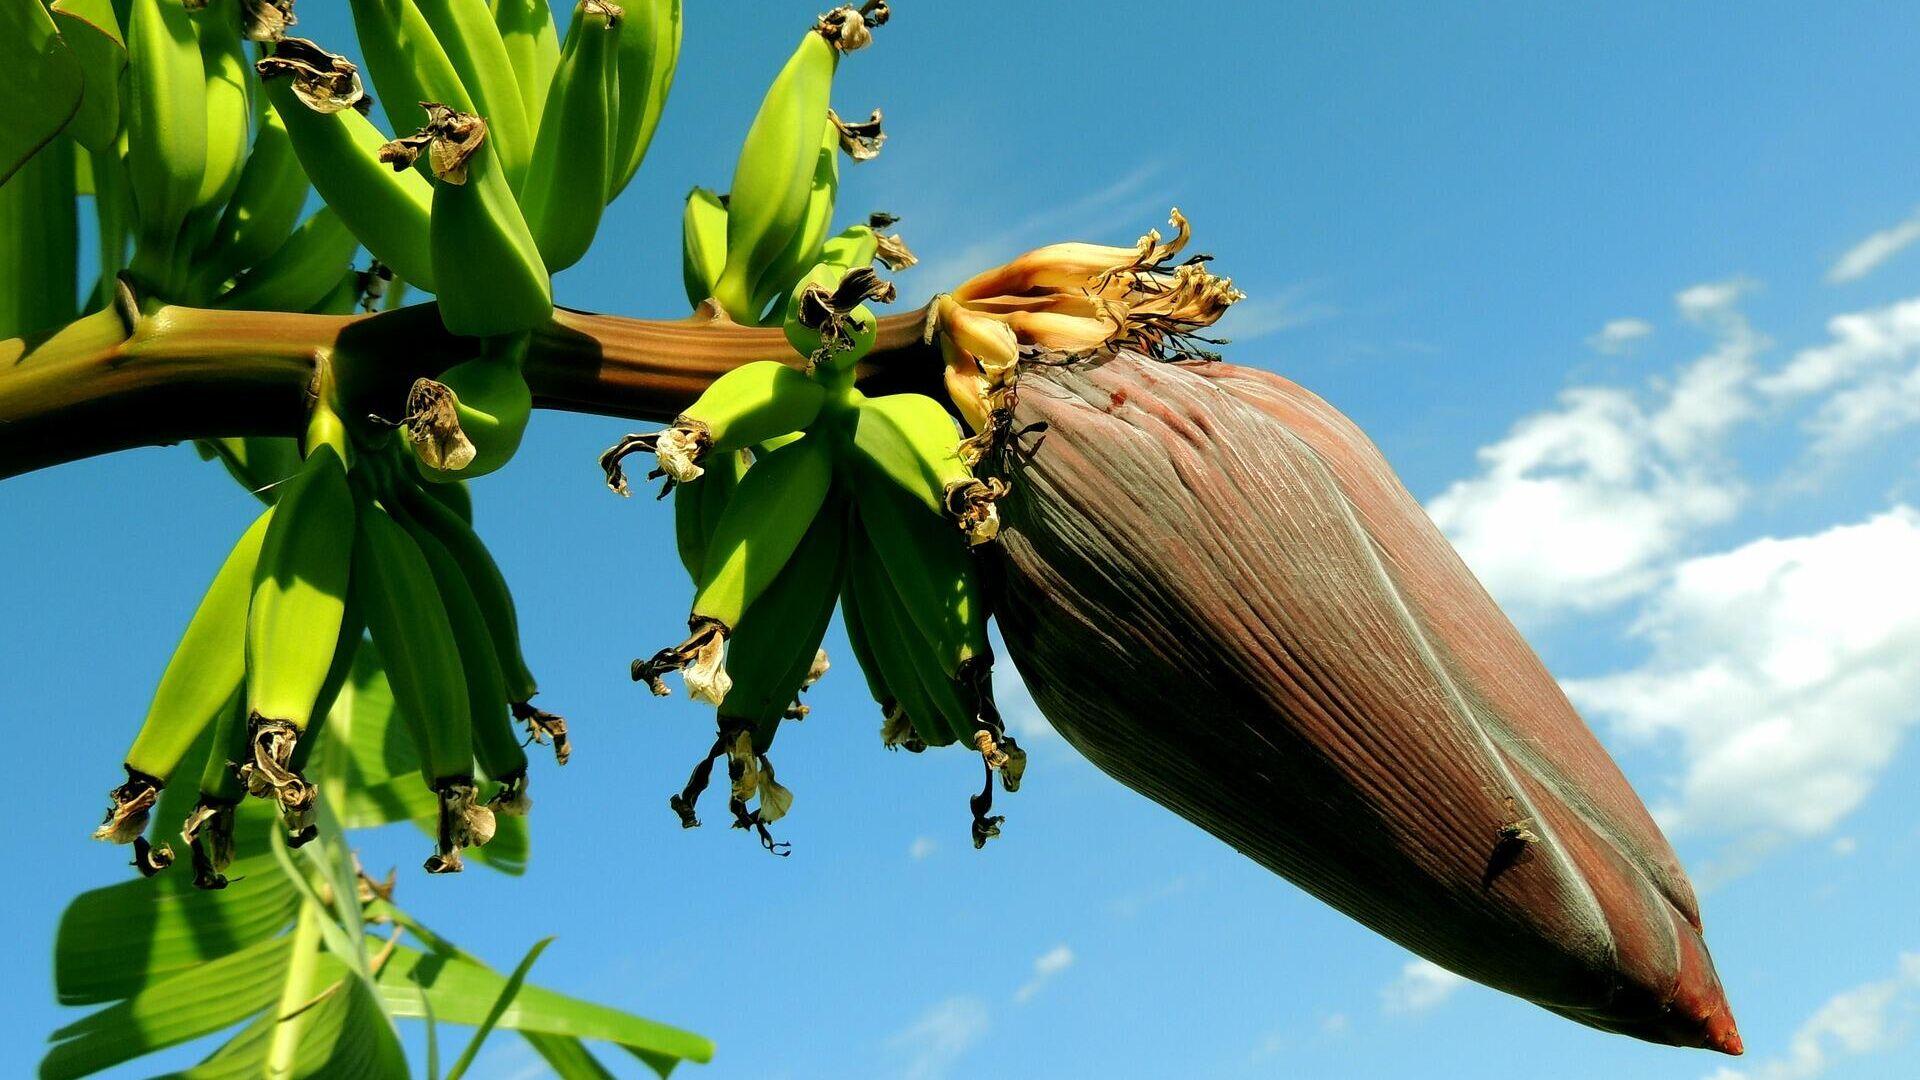 Un árbol de plátanos. Imagen referencial - Sputnik Mundo, 1920, 24.02.2021